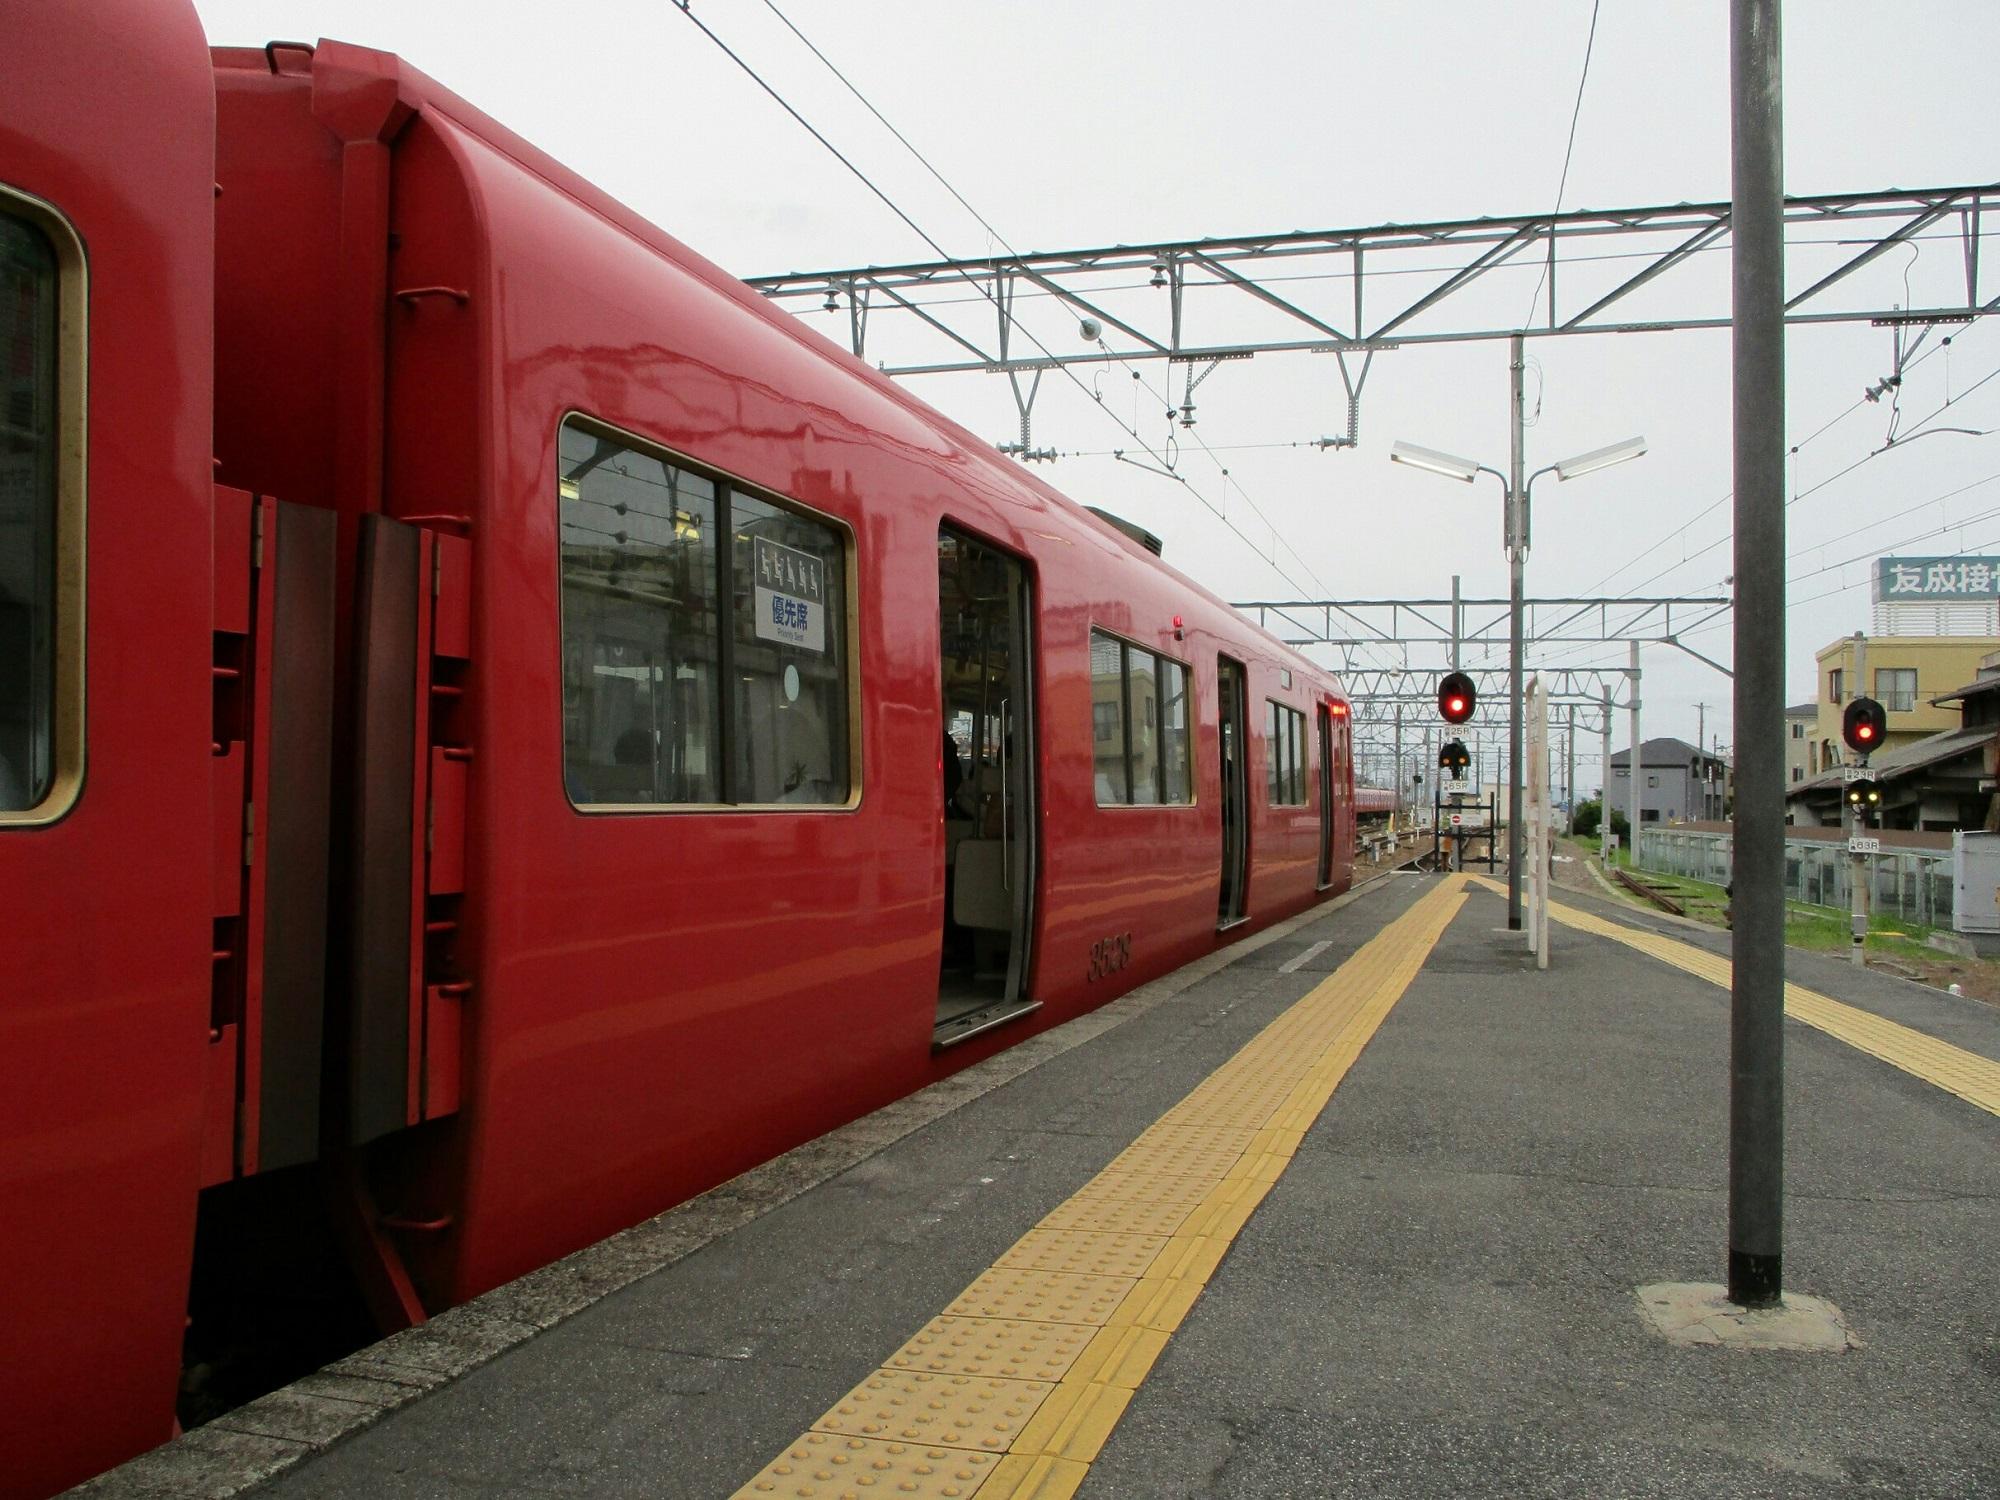 2018.6.14 豊田 (58) しんあんじょう - 西尾いきふつう 2000-1500